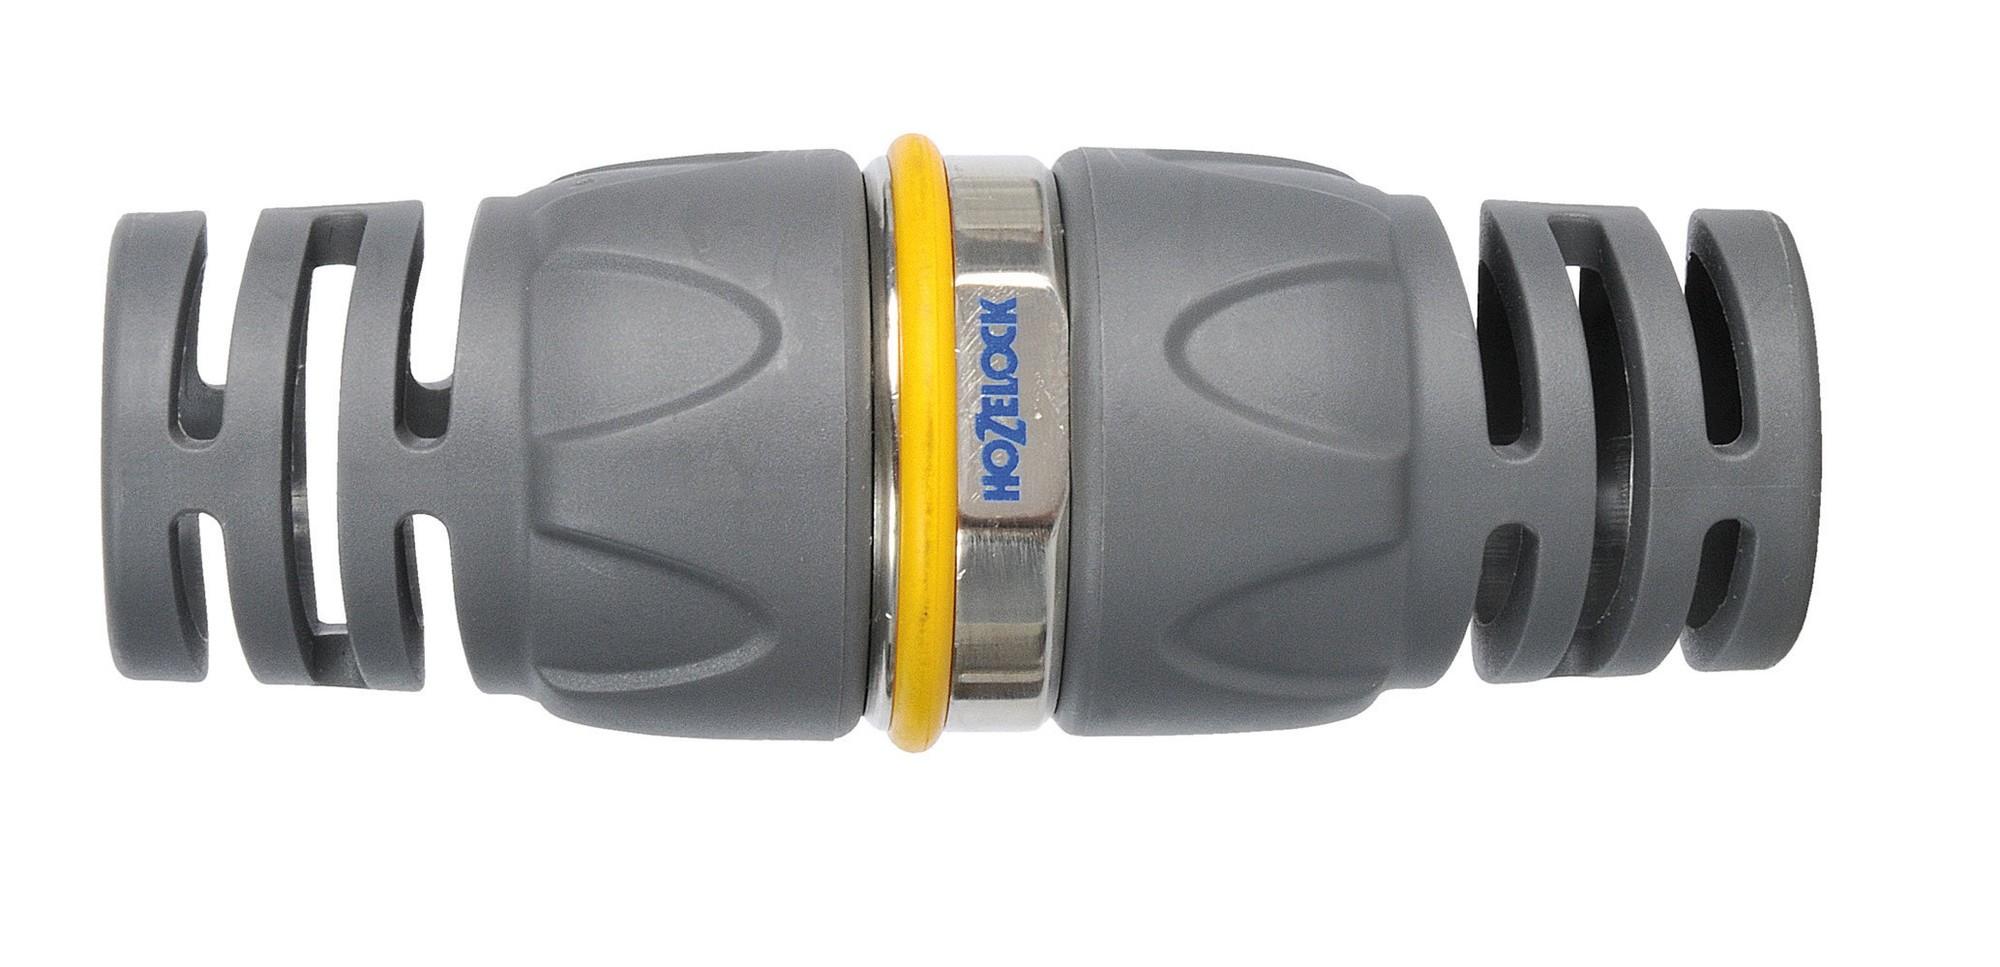 Slangverbinder pro diameter 12,5 en 15 mm